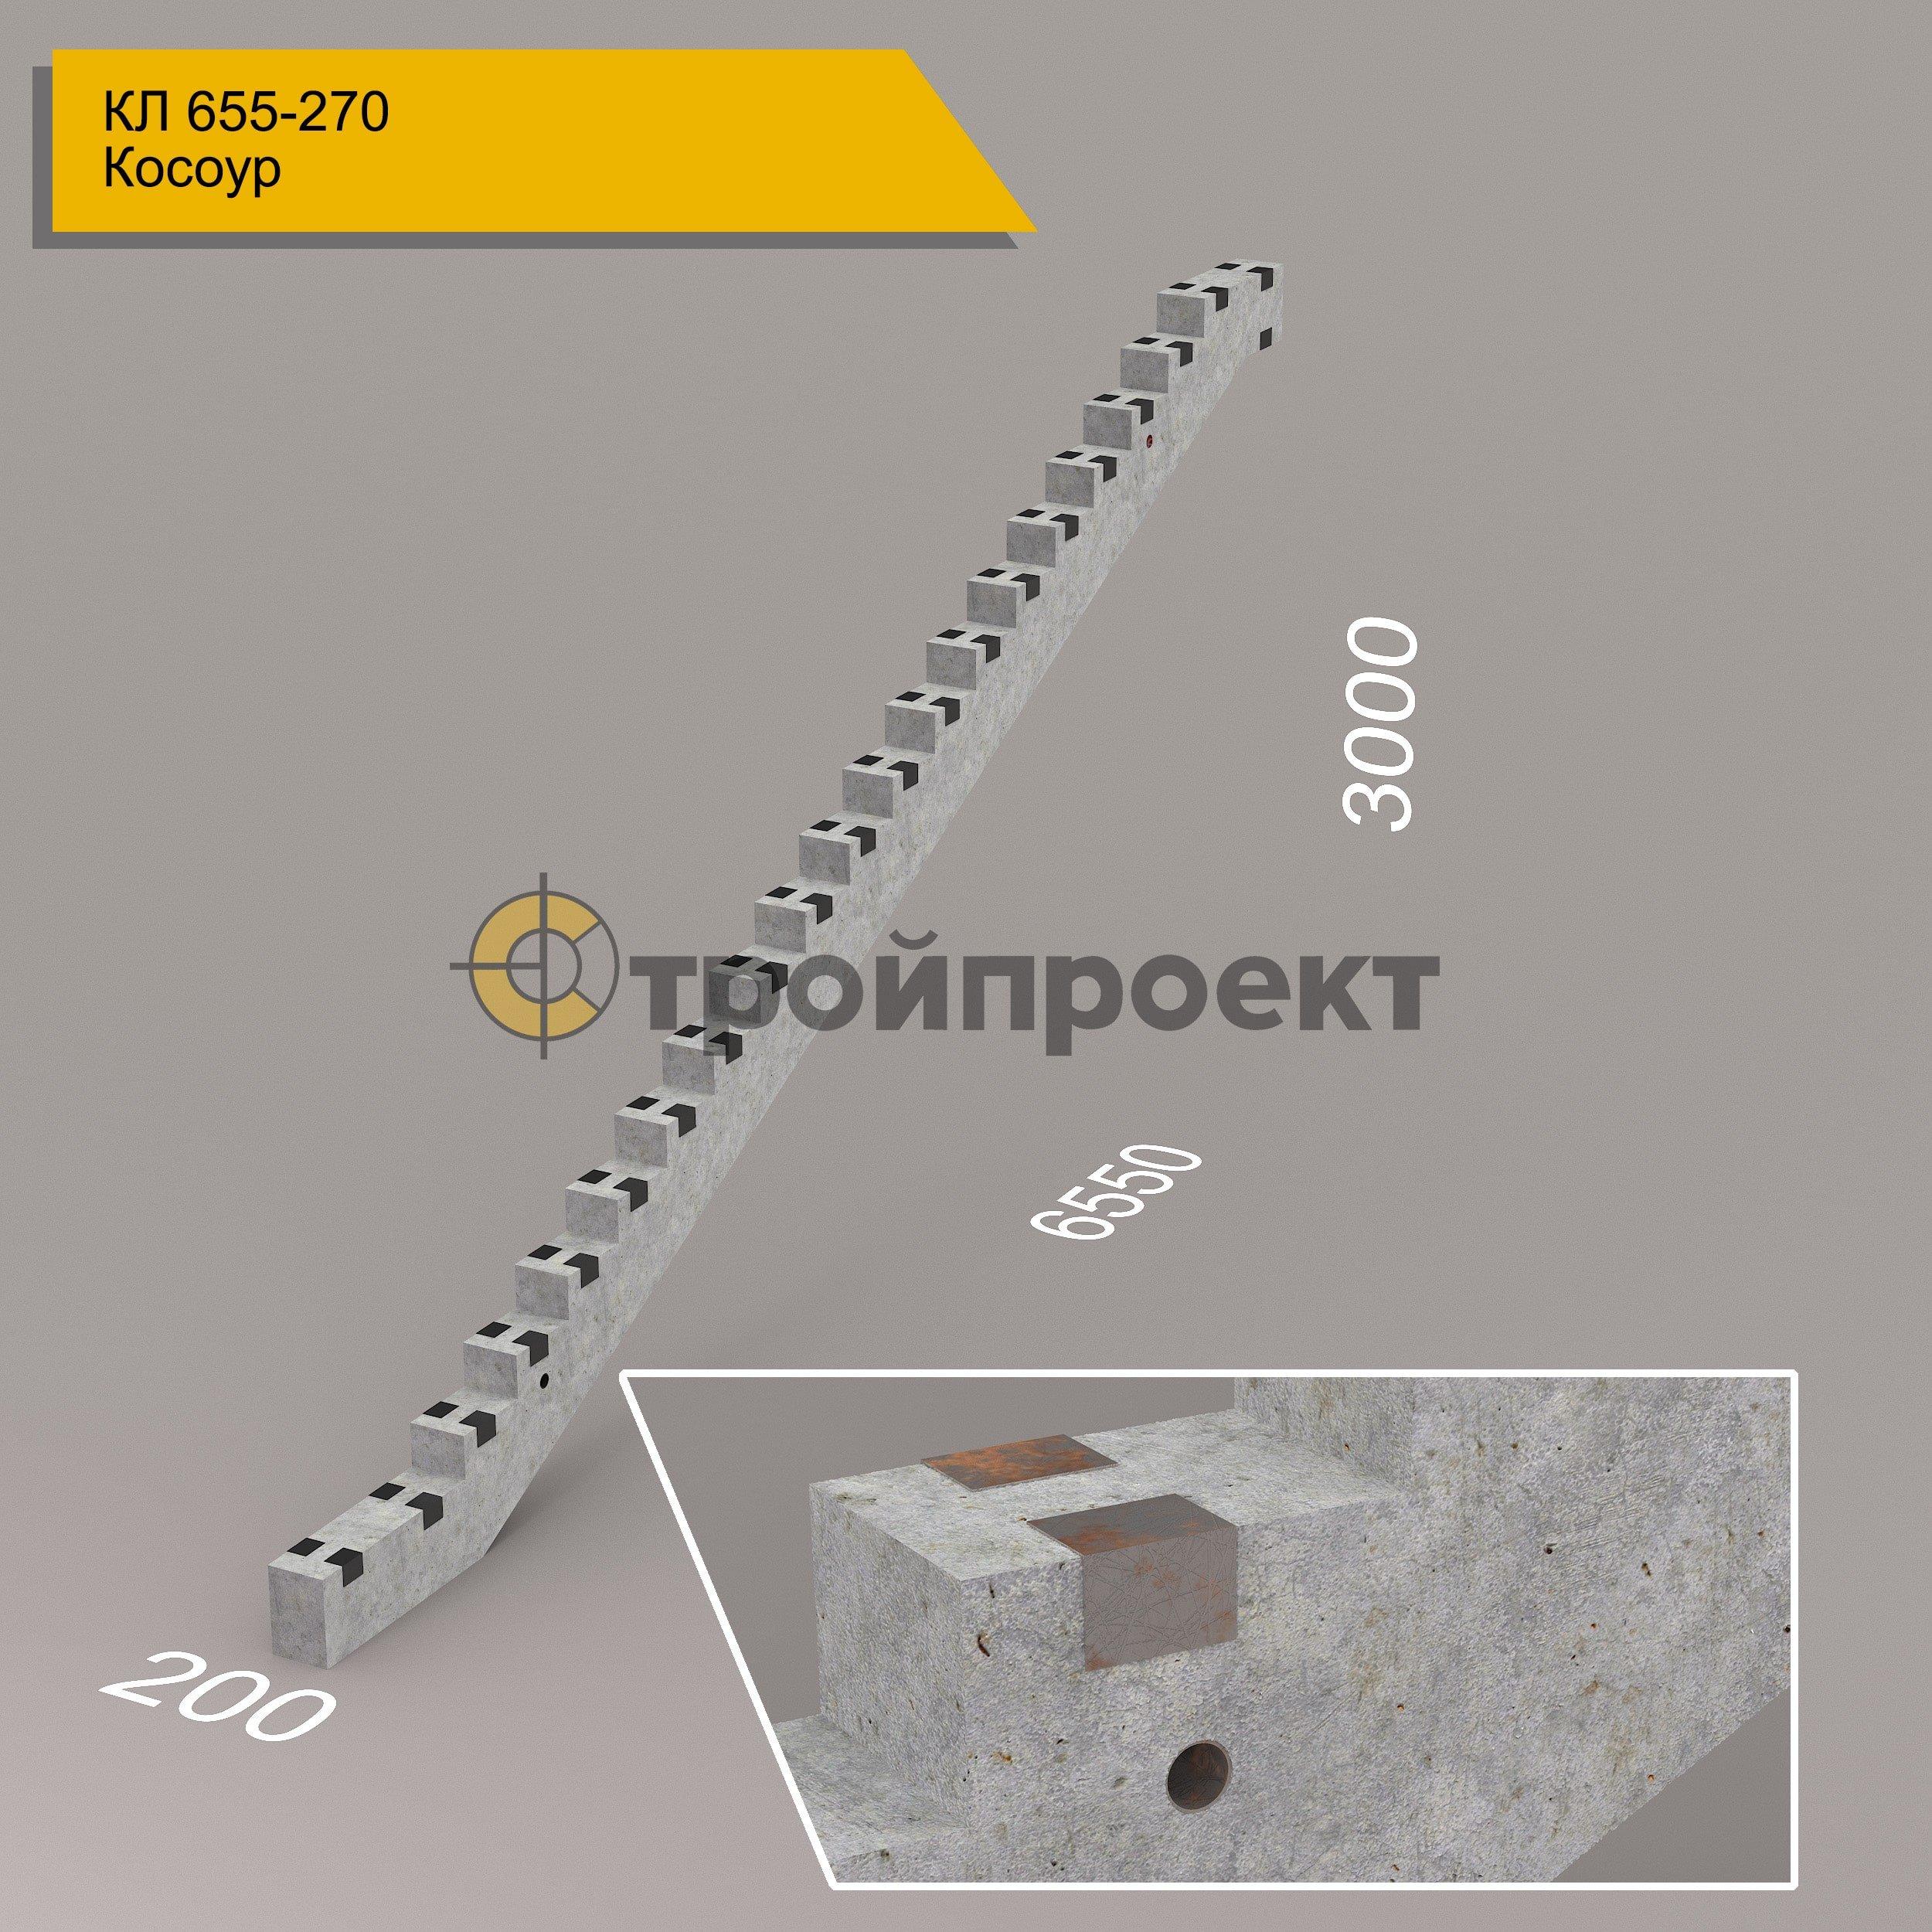 Стройпроект спб купить бетон цена смеси бетонные гост средняя плотность